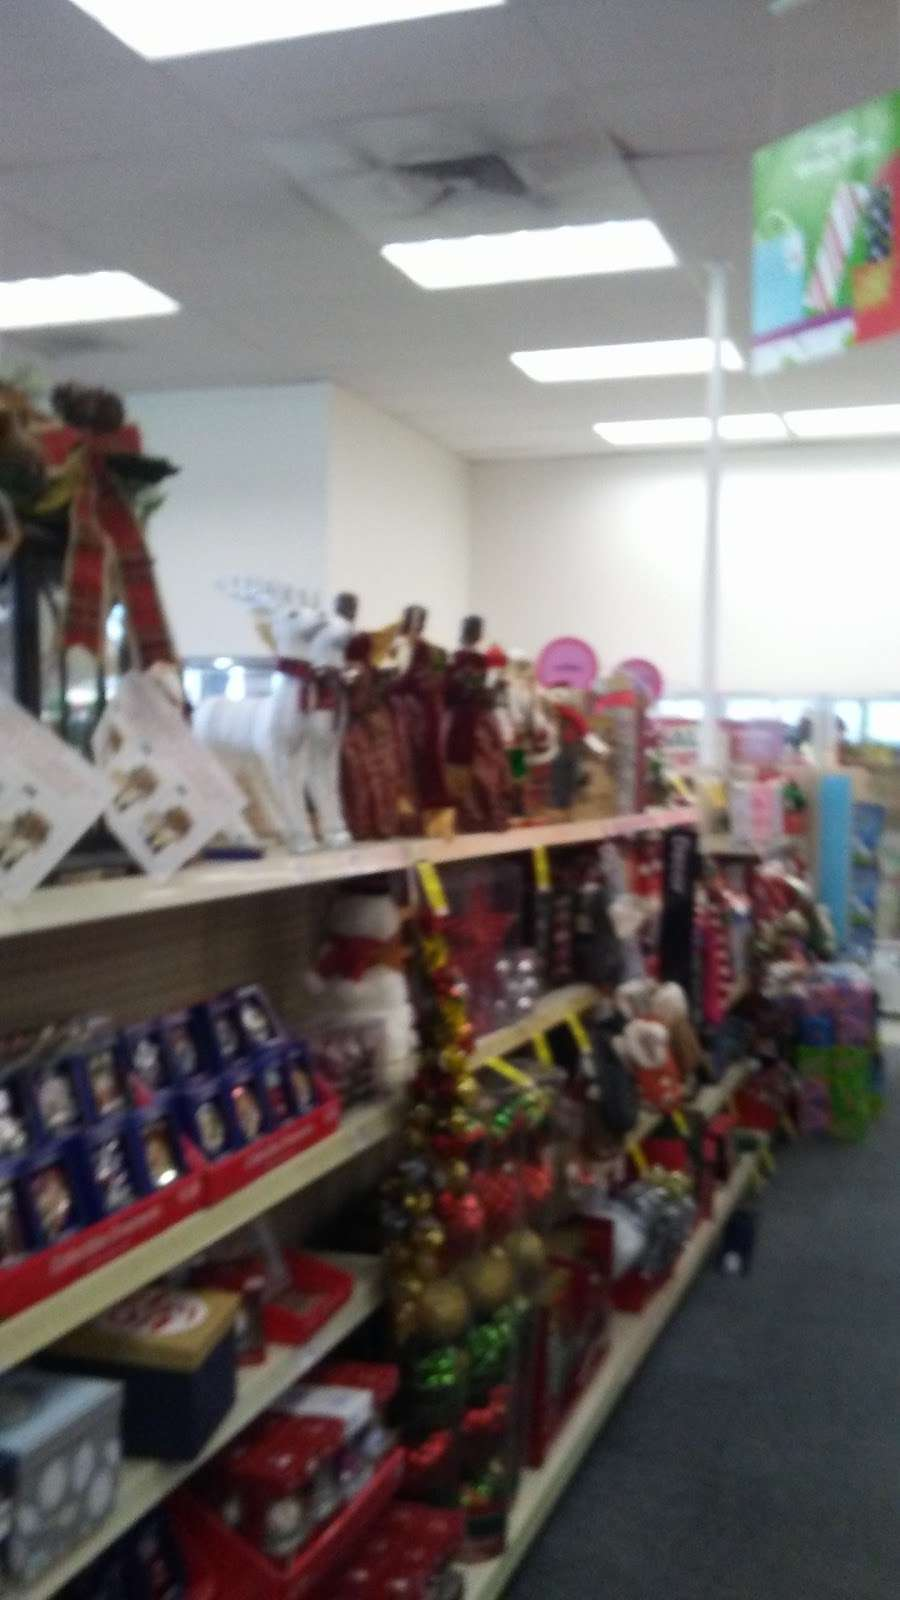 CVS - convenience store  | Photo 6 of 12 | Address: 904 E Cartwright Rd, Mesquite, TX 75149, USA | Phone: (972) 222-3404